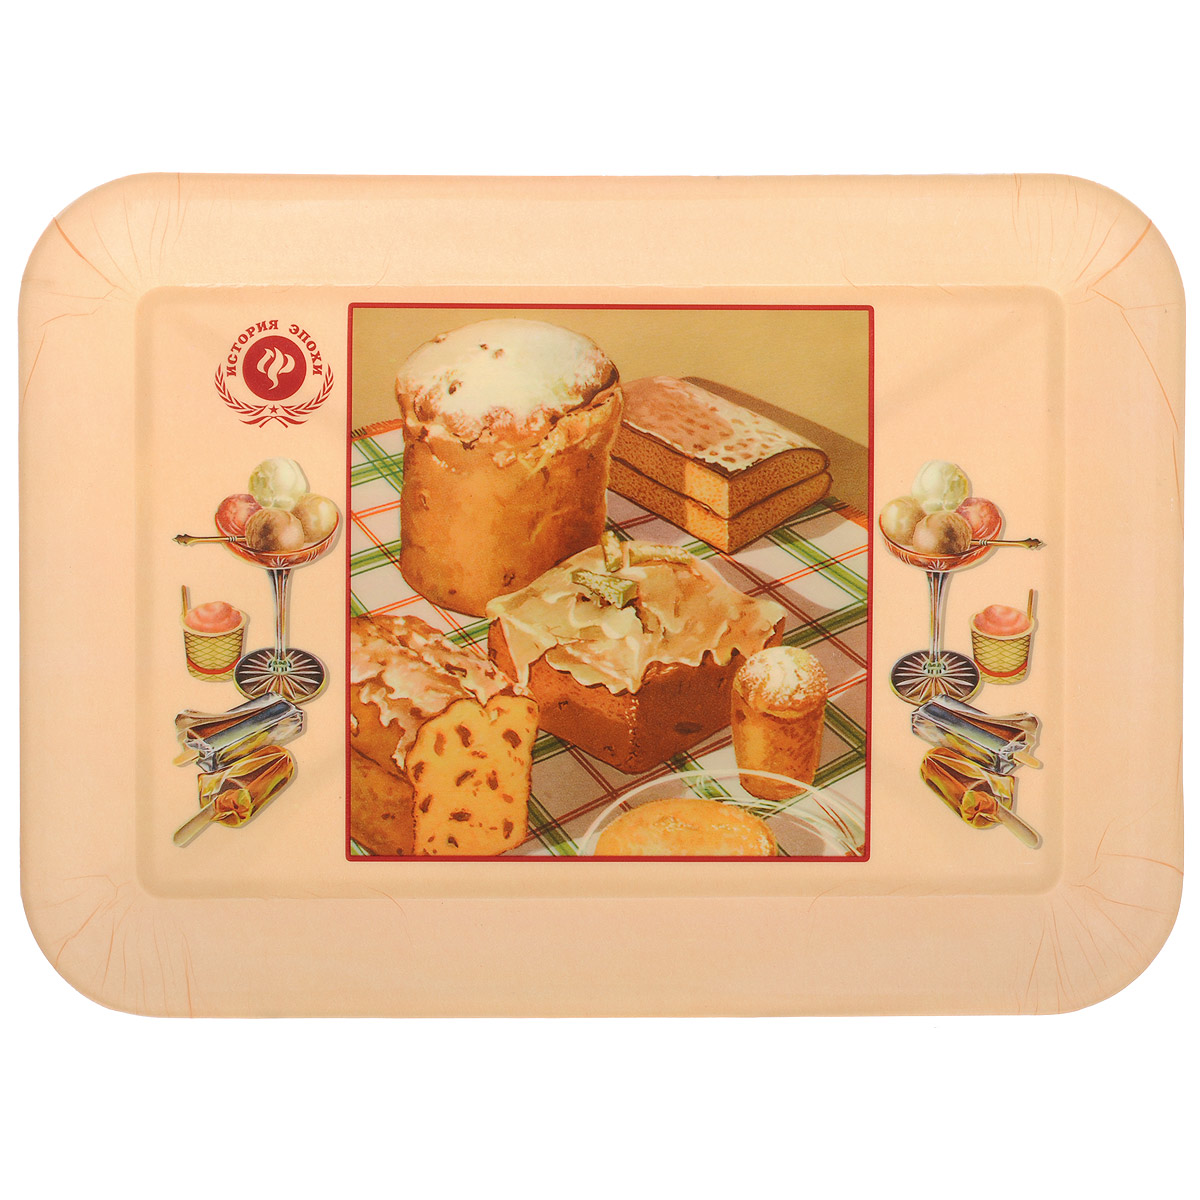 Поднос Феникс-презент Ретро-кексы, 35,5 см х 25,5 смМ 1109Поднос Феникс-презент Ретро-кексы изготовлен из полипропилена. Внутри поднос оформлен рисунком с изображением кексов и разных десертов. Поднос может использоваться как для сервировки, так и для декора кухни. Он прекрасно дополнит интерьер и добавит в обычную обстановку нотки романтики и изящества. Размер подноса: 35,5 см х 25,5 см х 2,3 см. Внутренний размер подноса: 29 см х 19 см х 1,9 см.